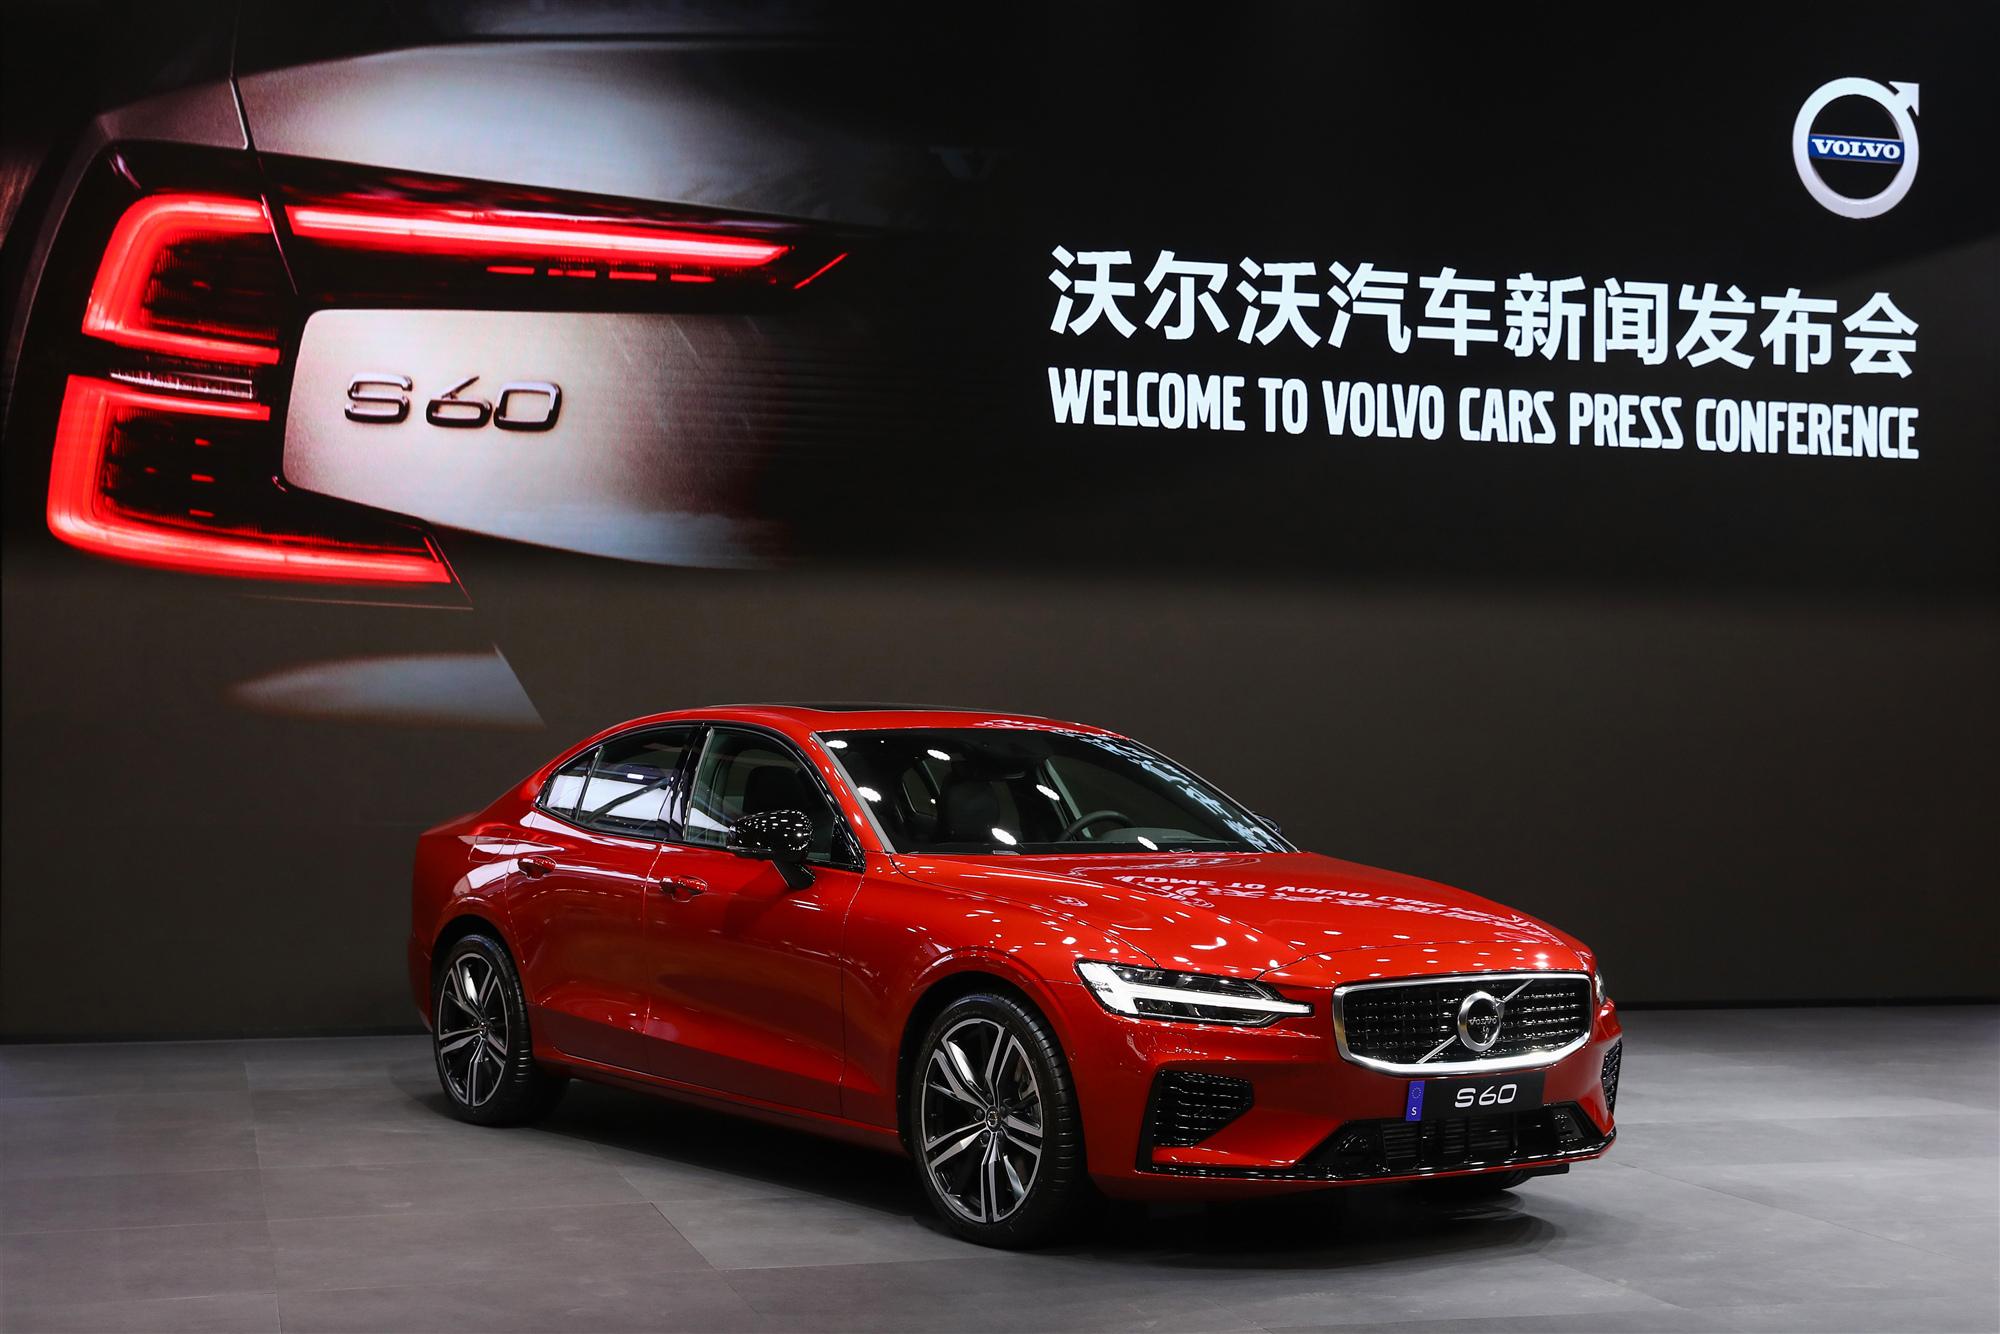 01_北欧豪华中型轿车沃尔沃全新S60广州车展正式开启预售